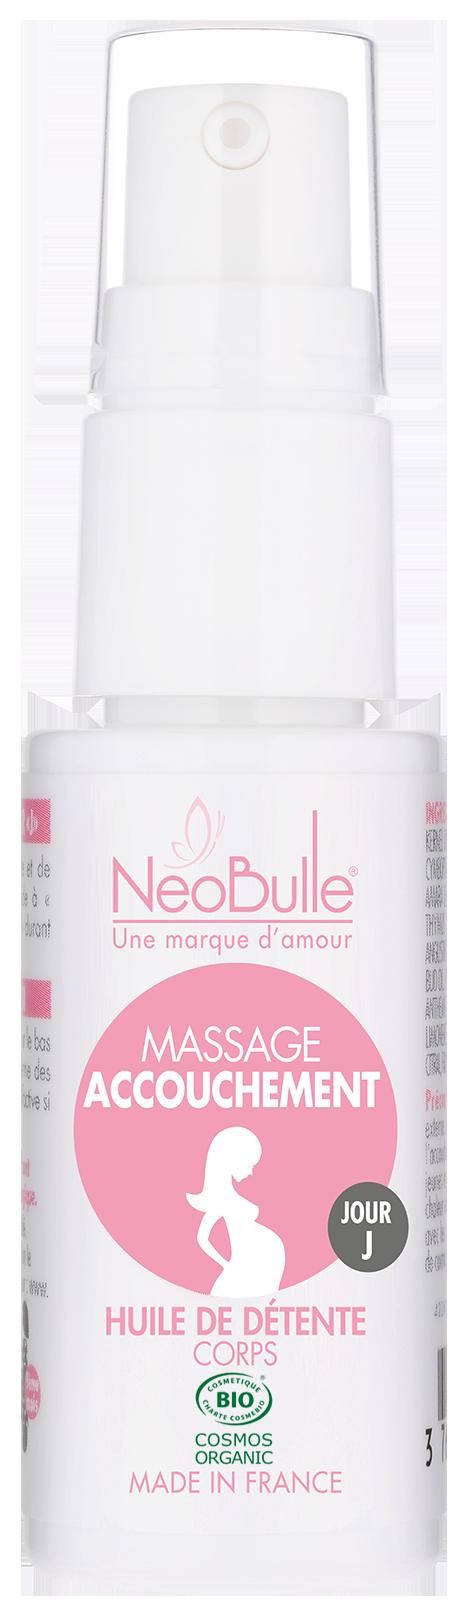 Massage Accouchement, huile détente 20 ml